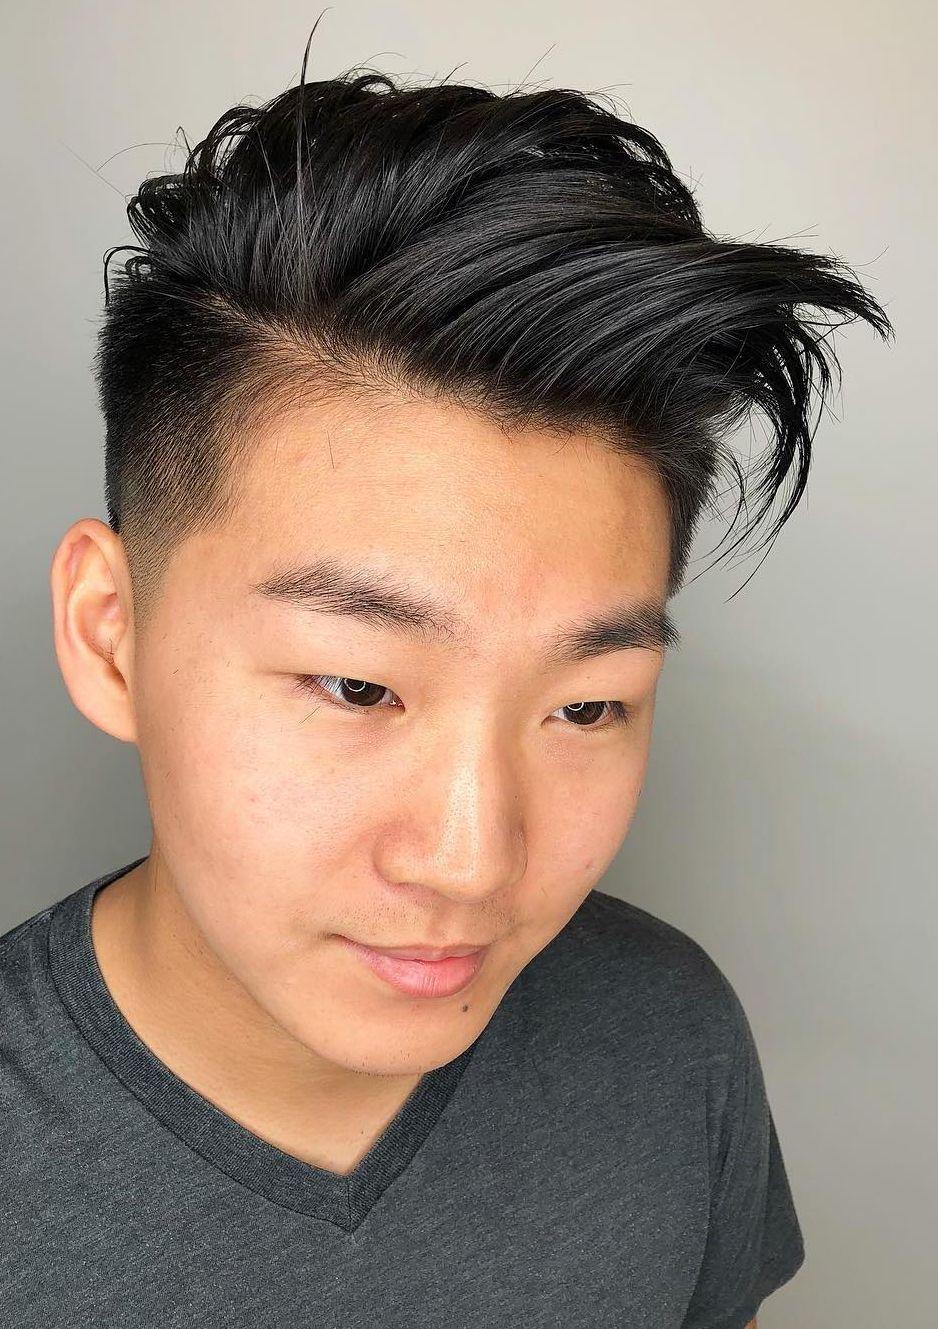 top 11 trendy asian men hairstyles 2018 | hair | pinterest | hair